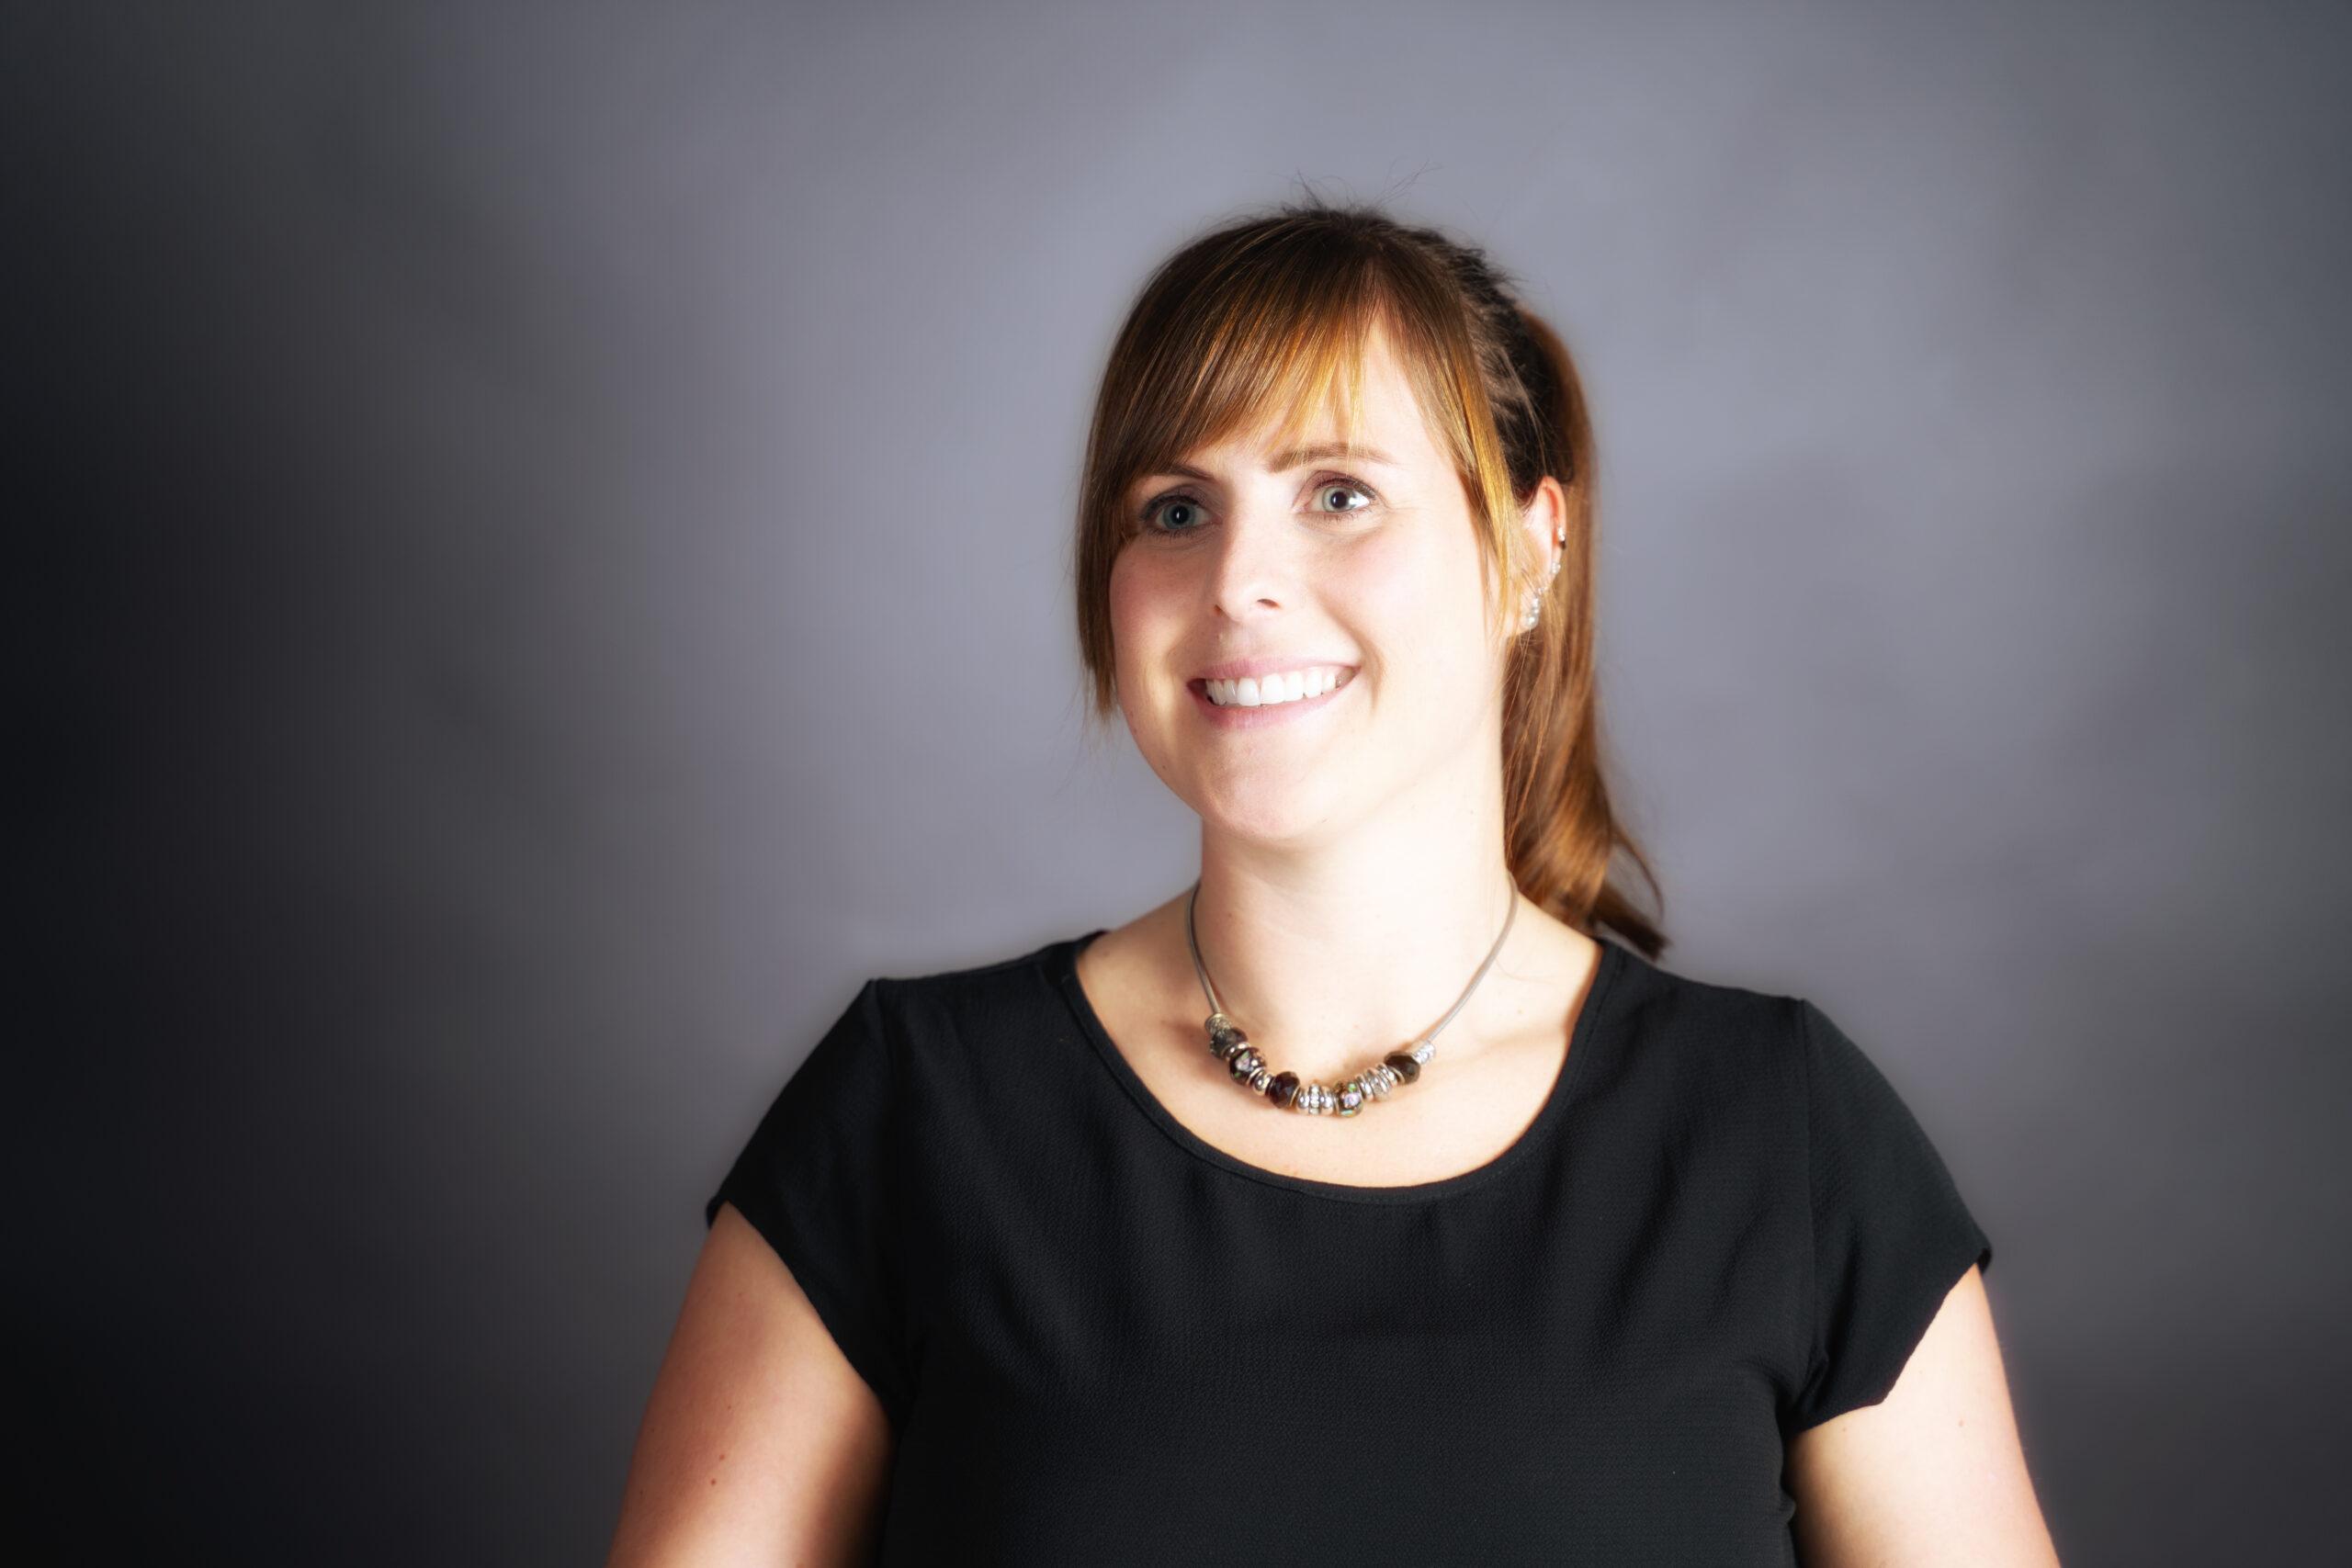 Osteopathin - Physiotherapeutin - Heilpraktikerin, Lydia Schoenmakers